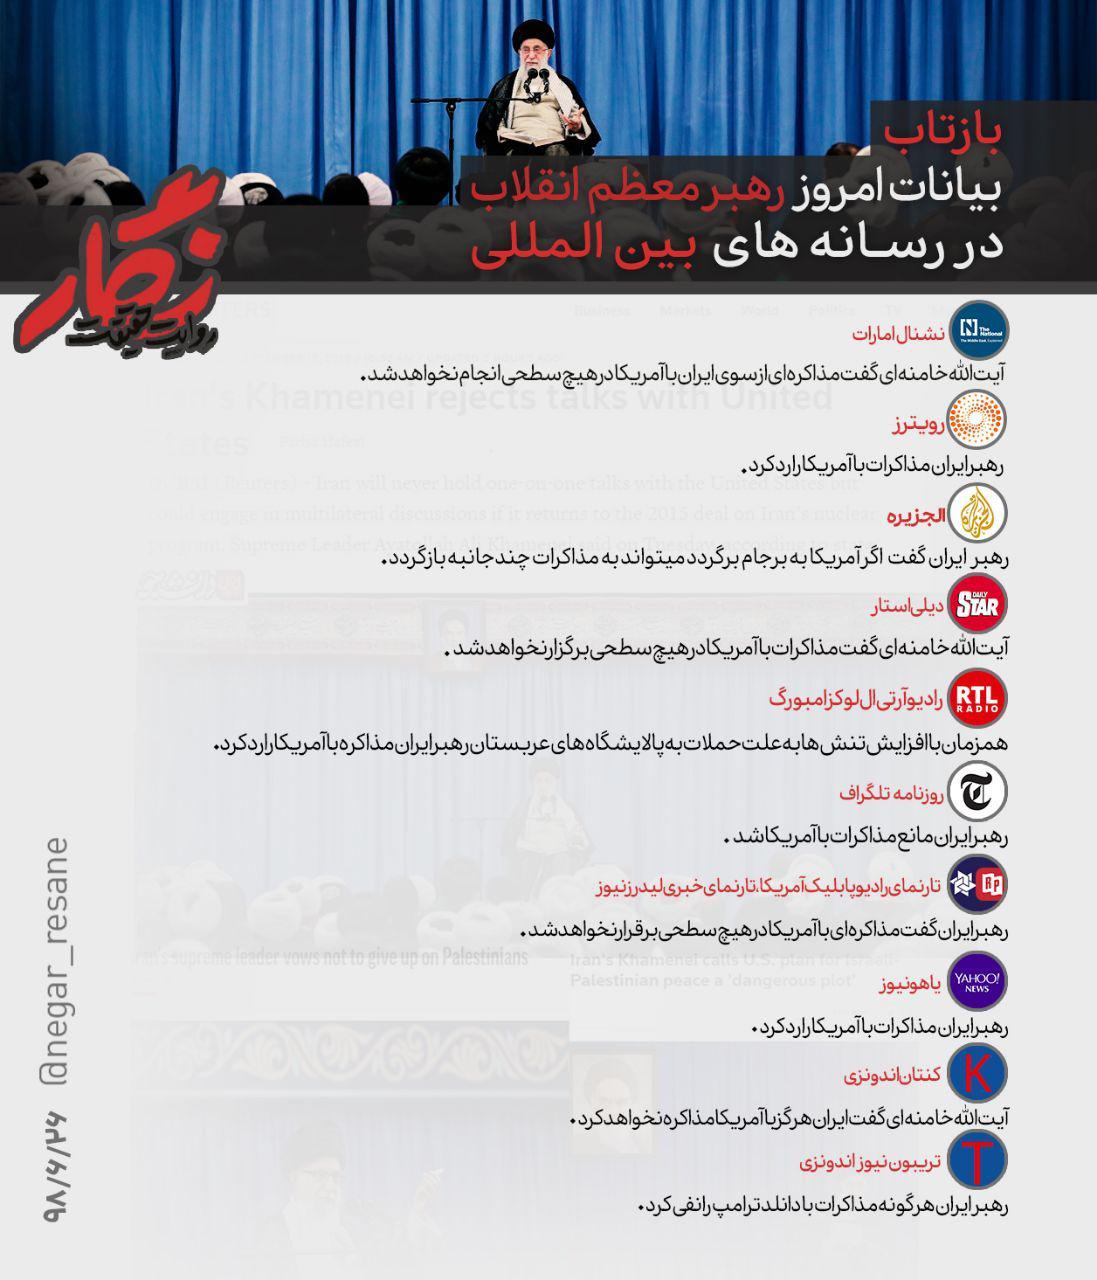 واکنش رسانههای بینالمللی به بیانات امروز رهبرانقلاب